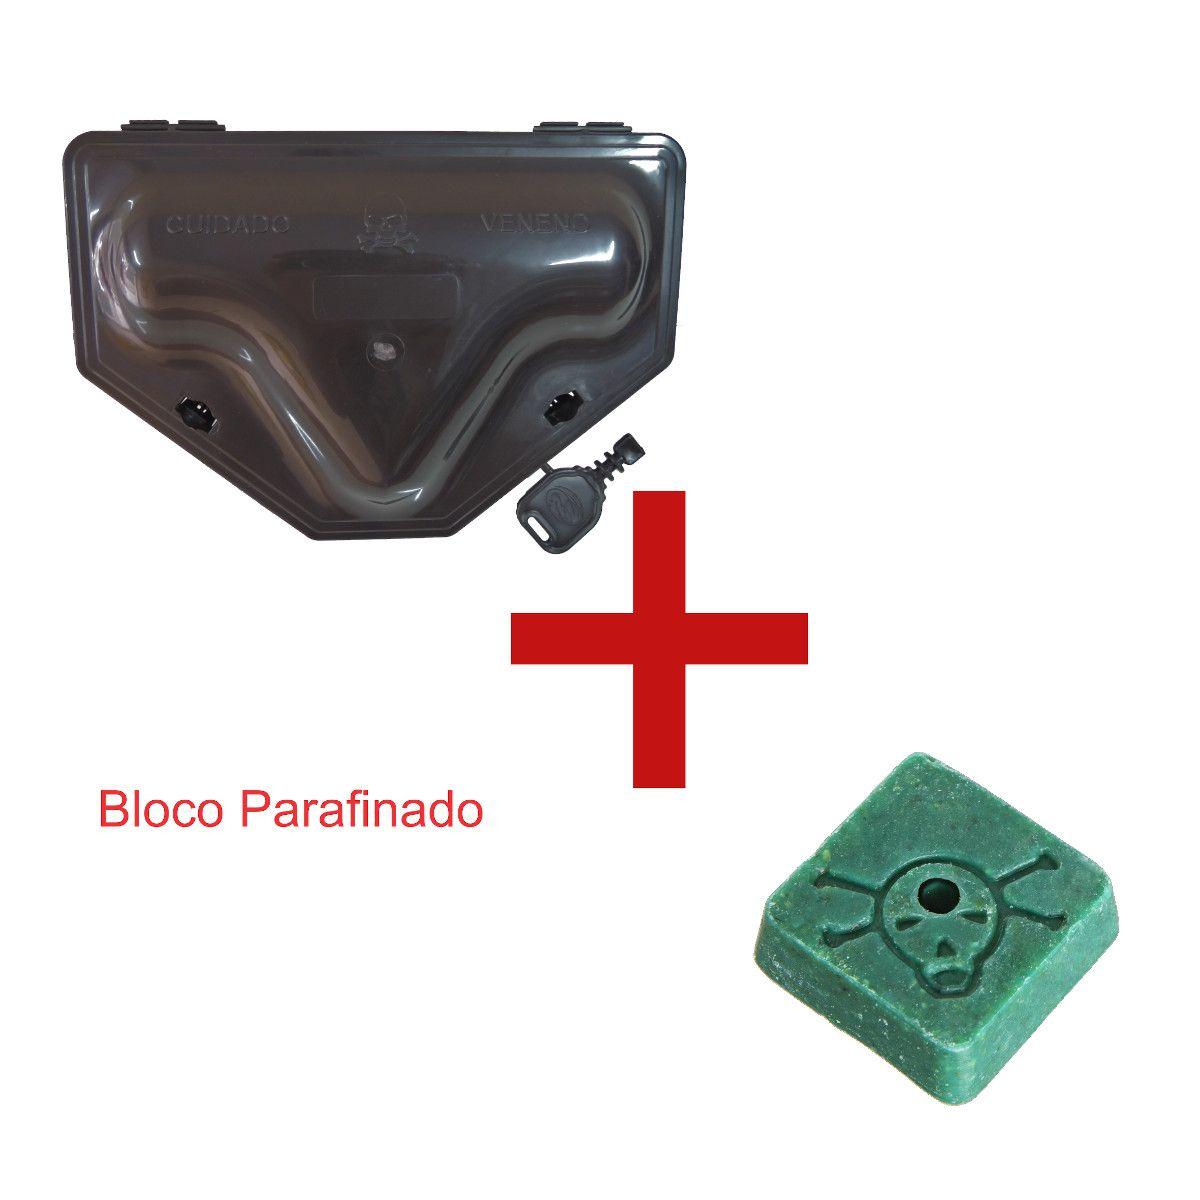 53 Porta Iscas C/ Duplo Travamento + 53 Bloco Parafinado